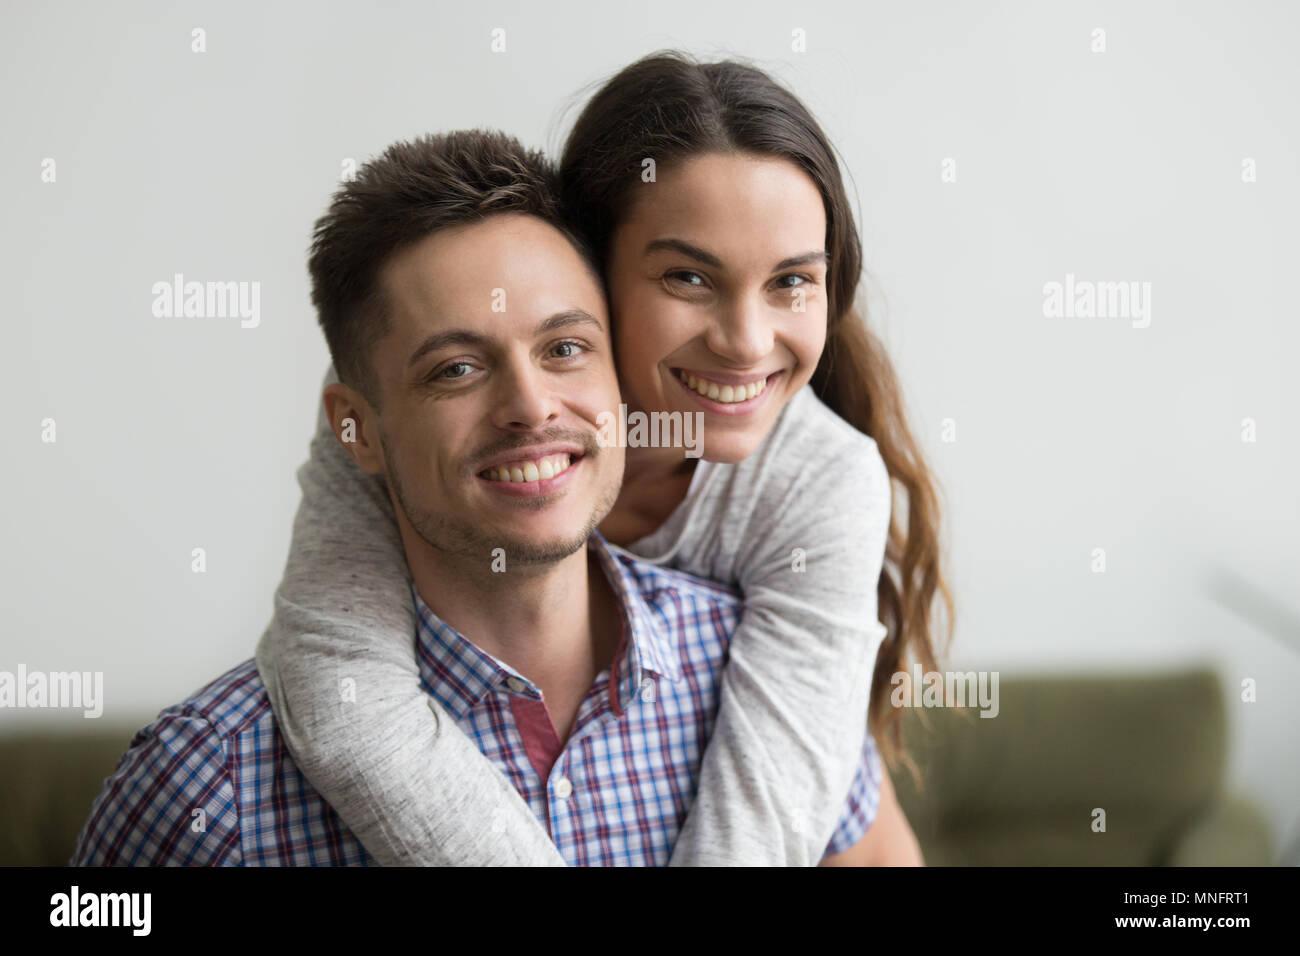 Lächelnd Mann huckepack fröhliche Frau an der Kamera auf der Suche Stockbild